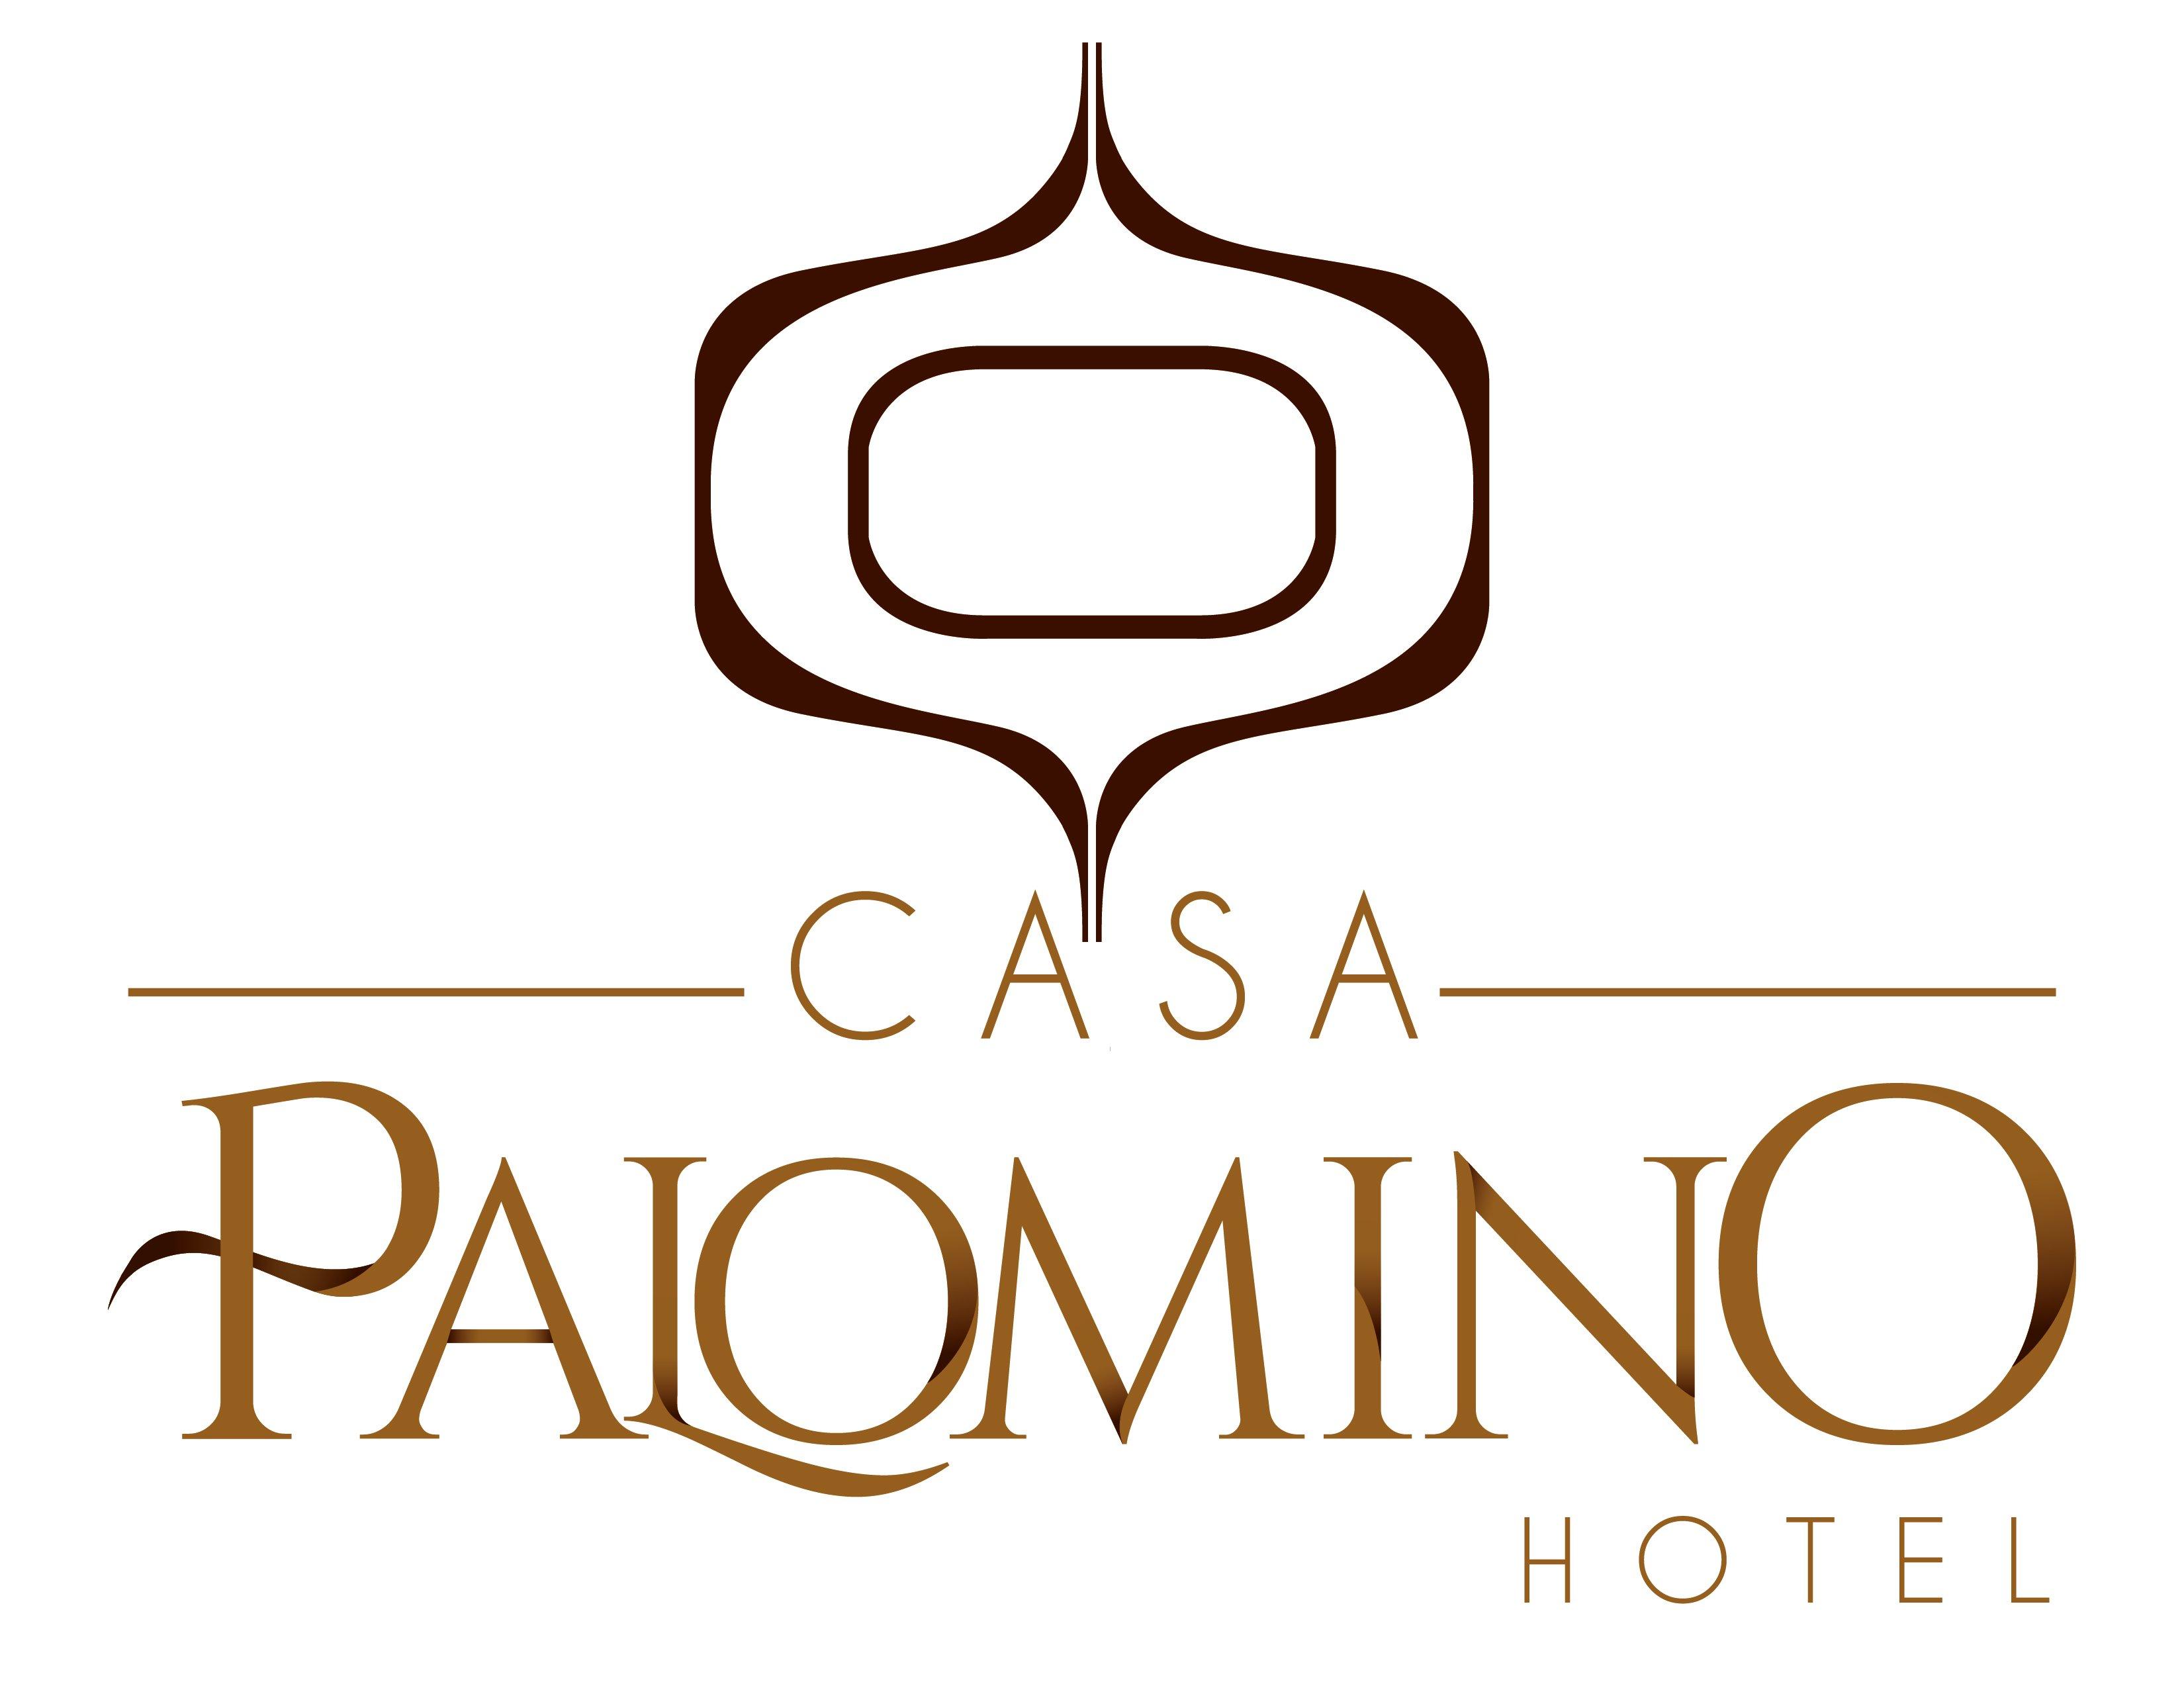 HOTEL CASA PALOMINO